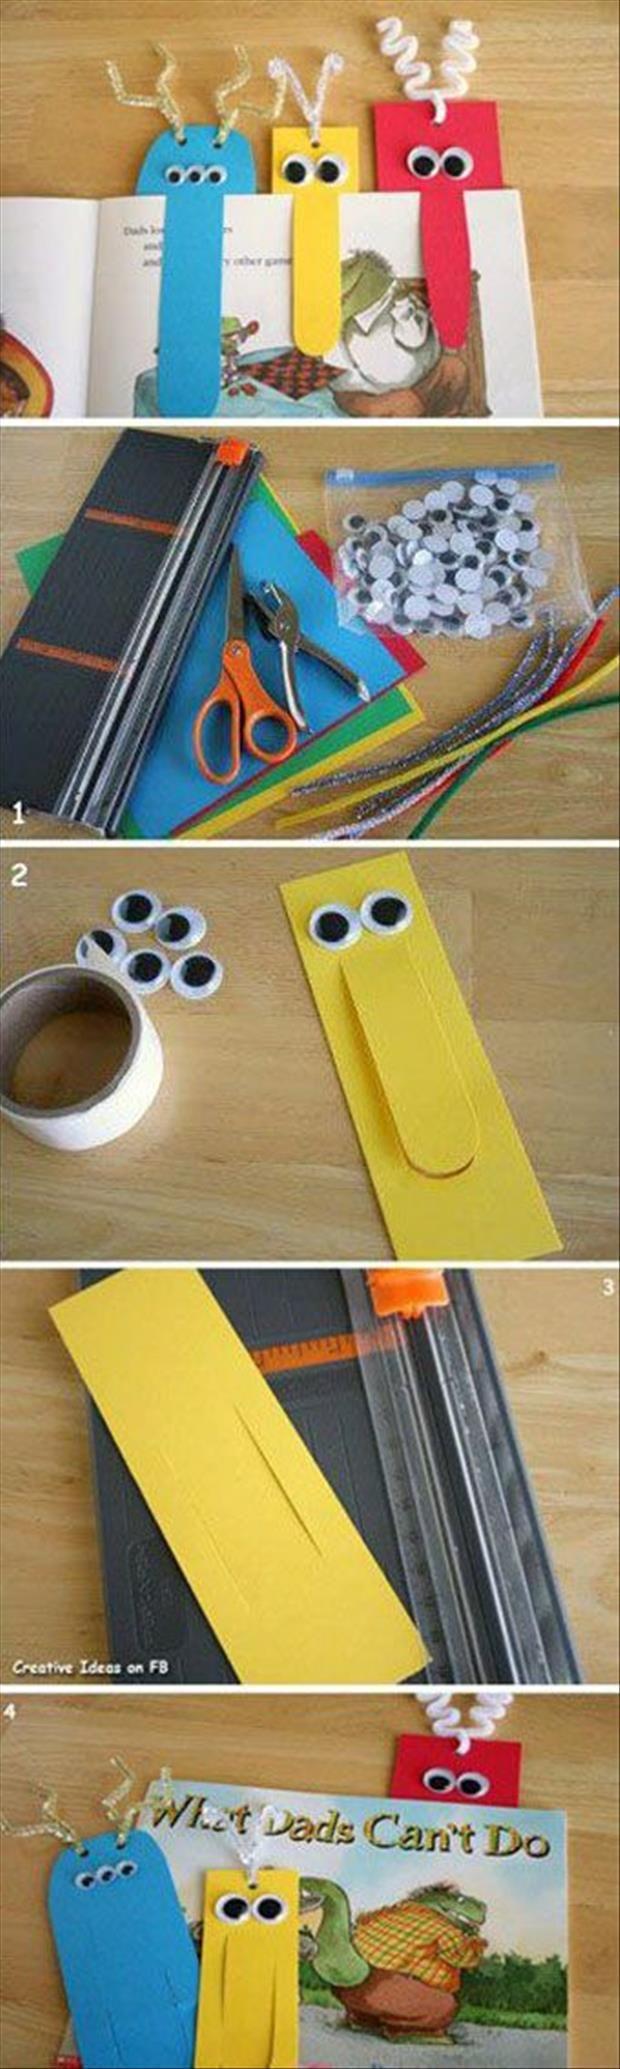 Как из картона и цветной бумаги сделать книгу